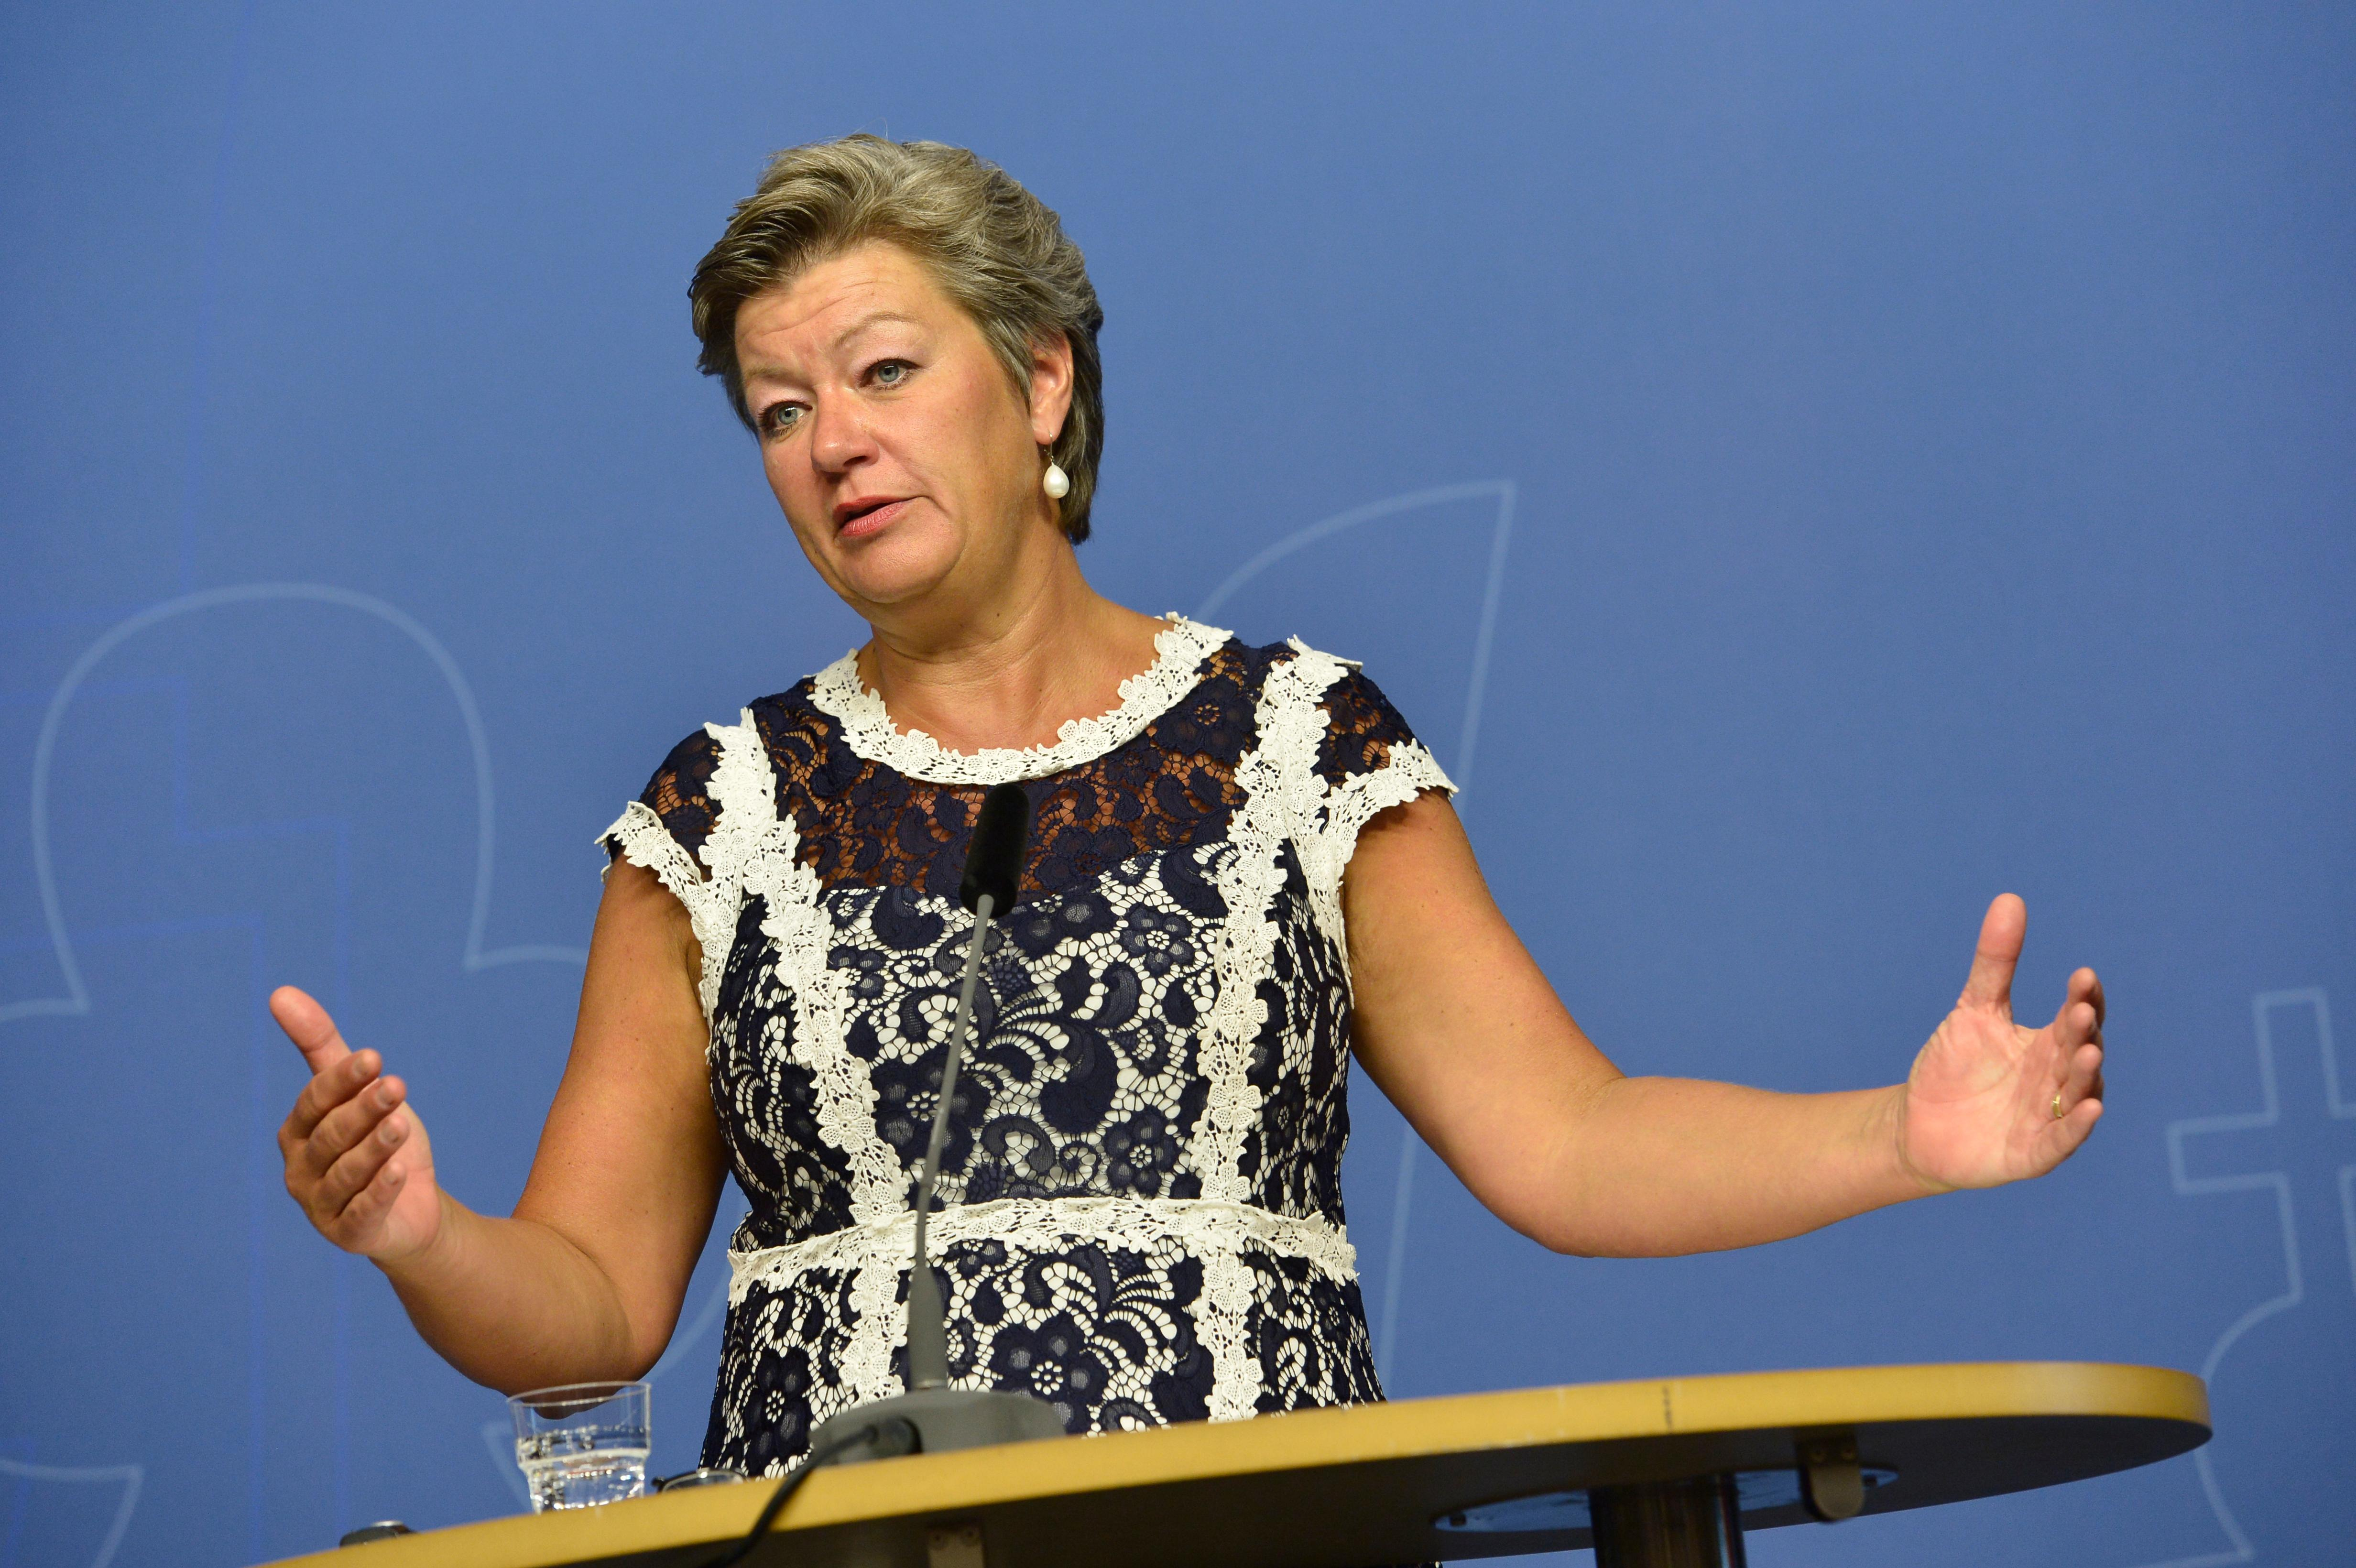 Ylva johansson kraver battre medicinkoll